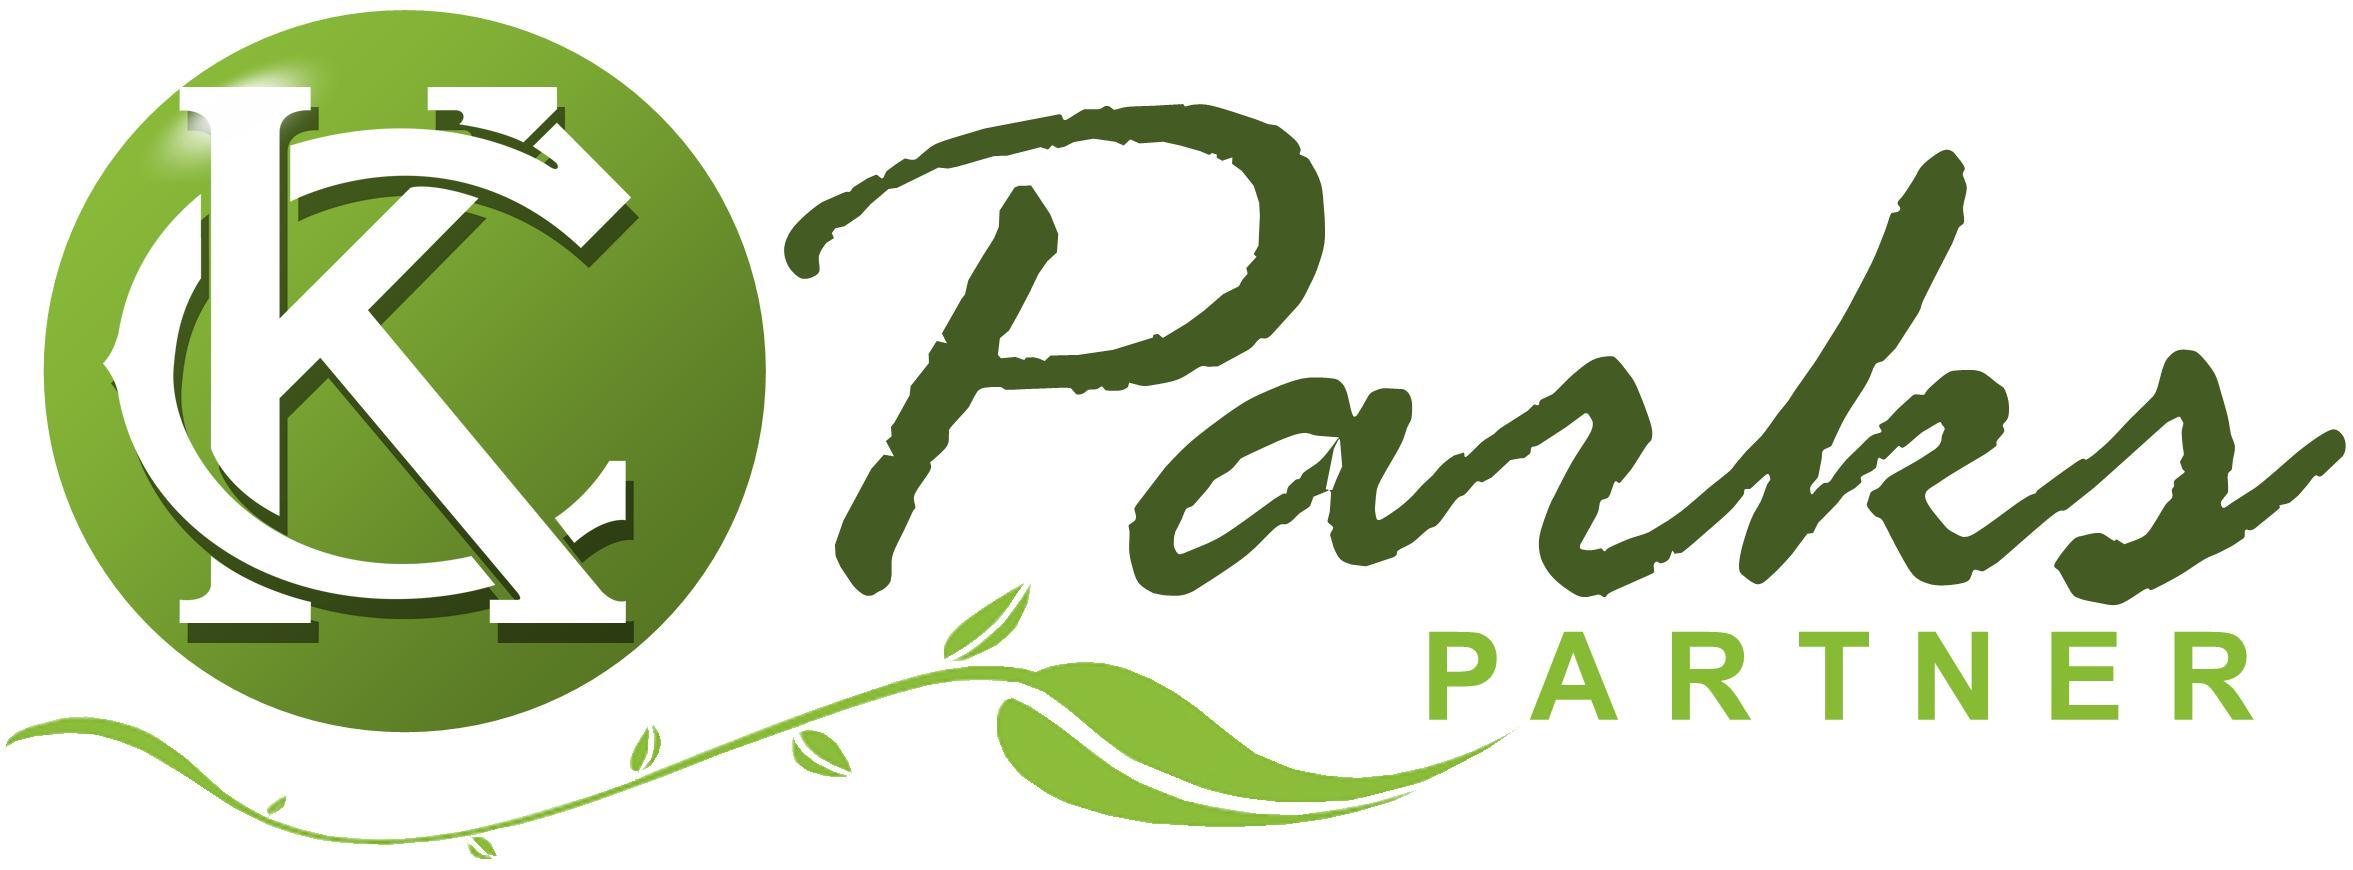 KC Parks Partner Logo - KC Parks and Rec